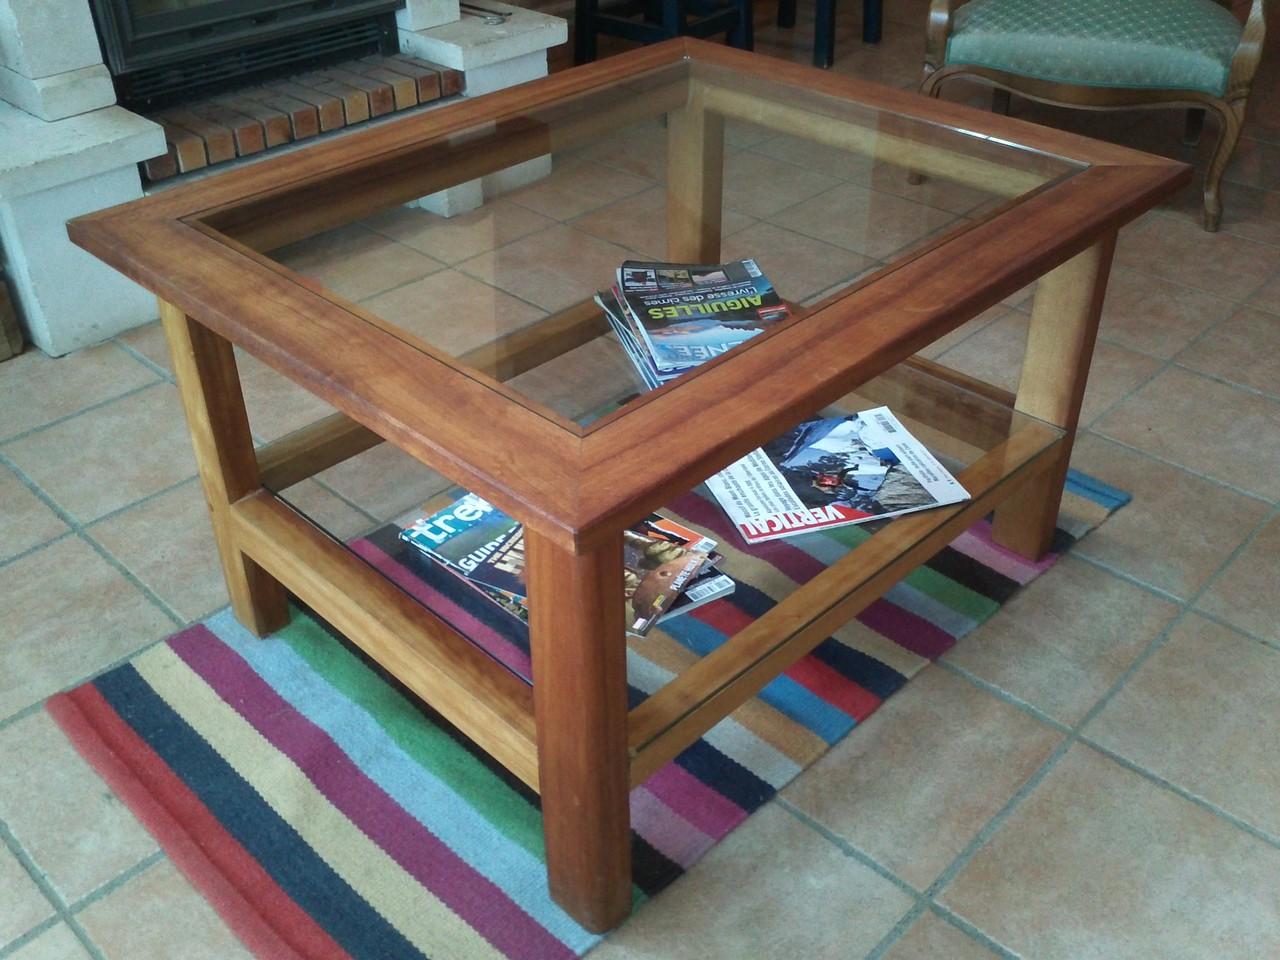 Réalisation d'une table basse en bois exotique et verre